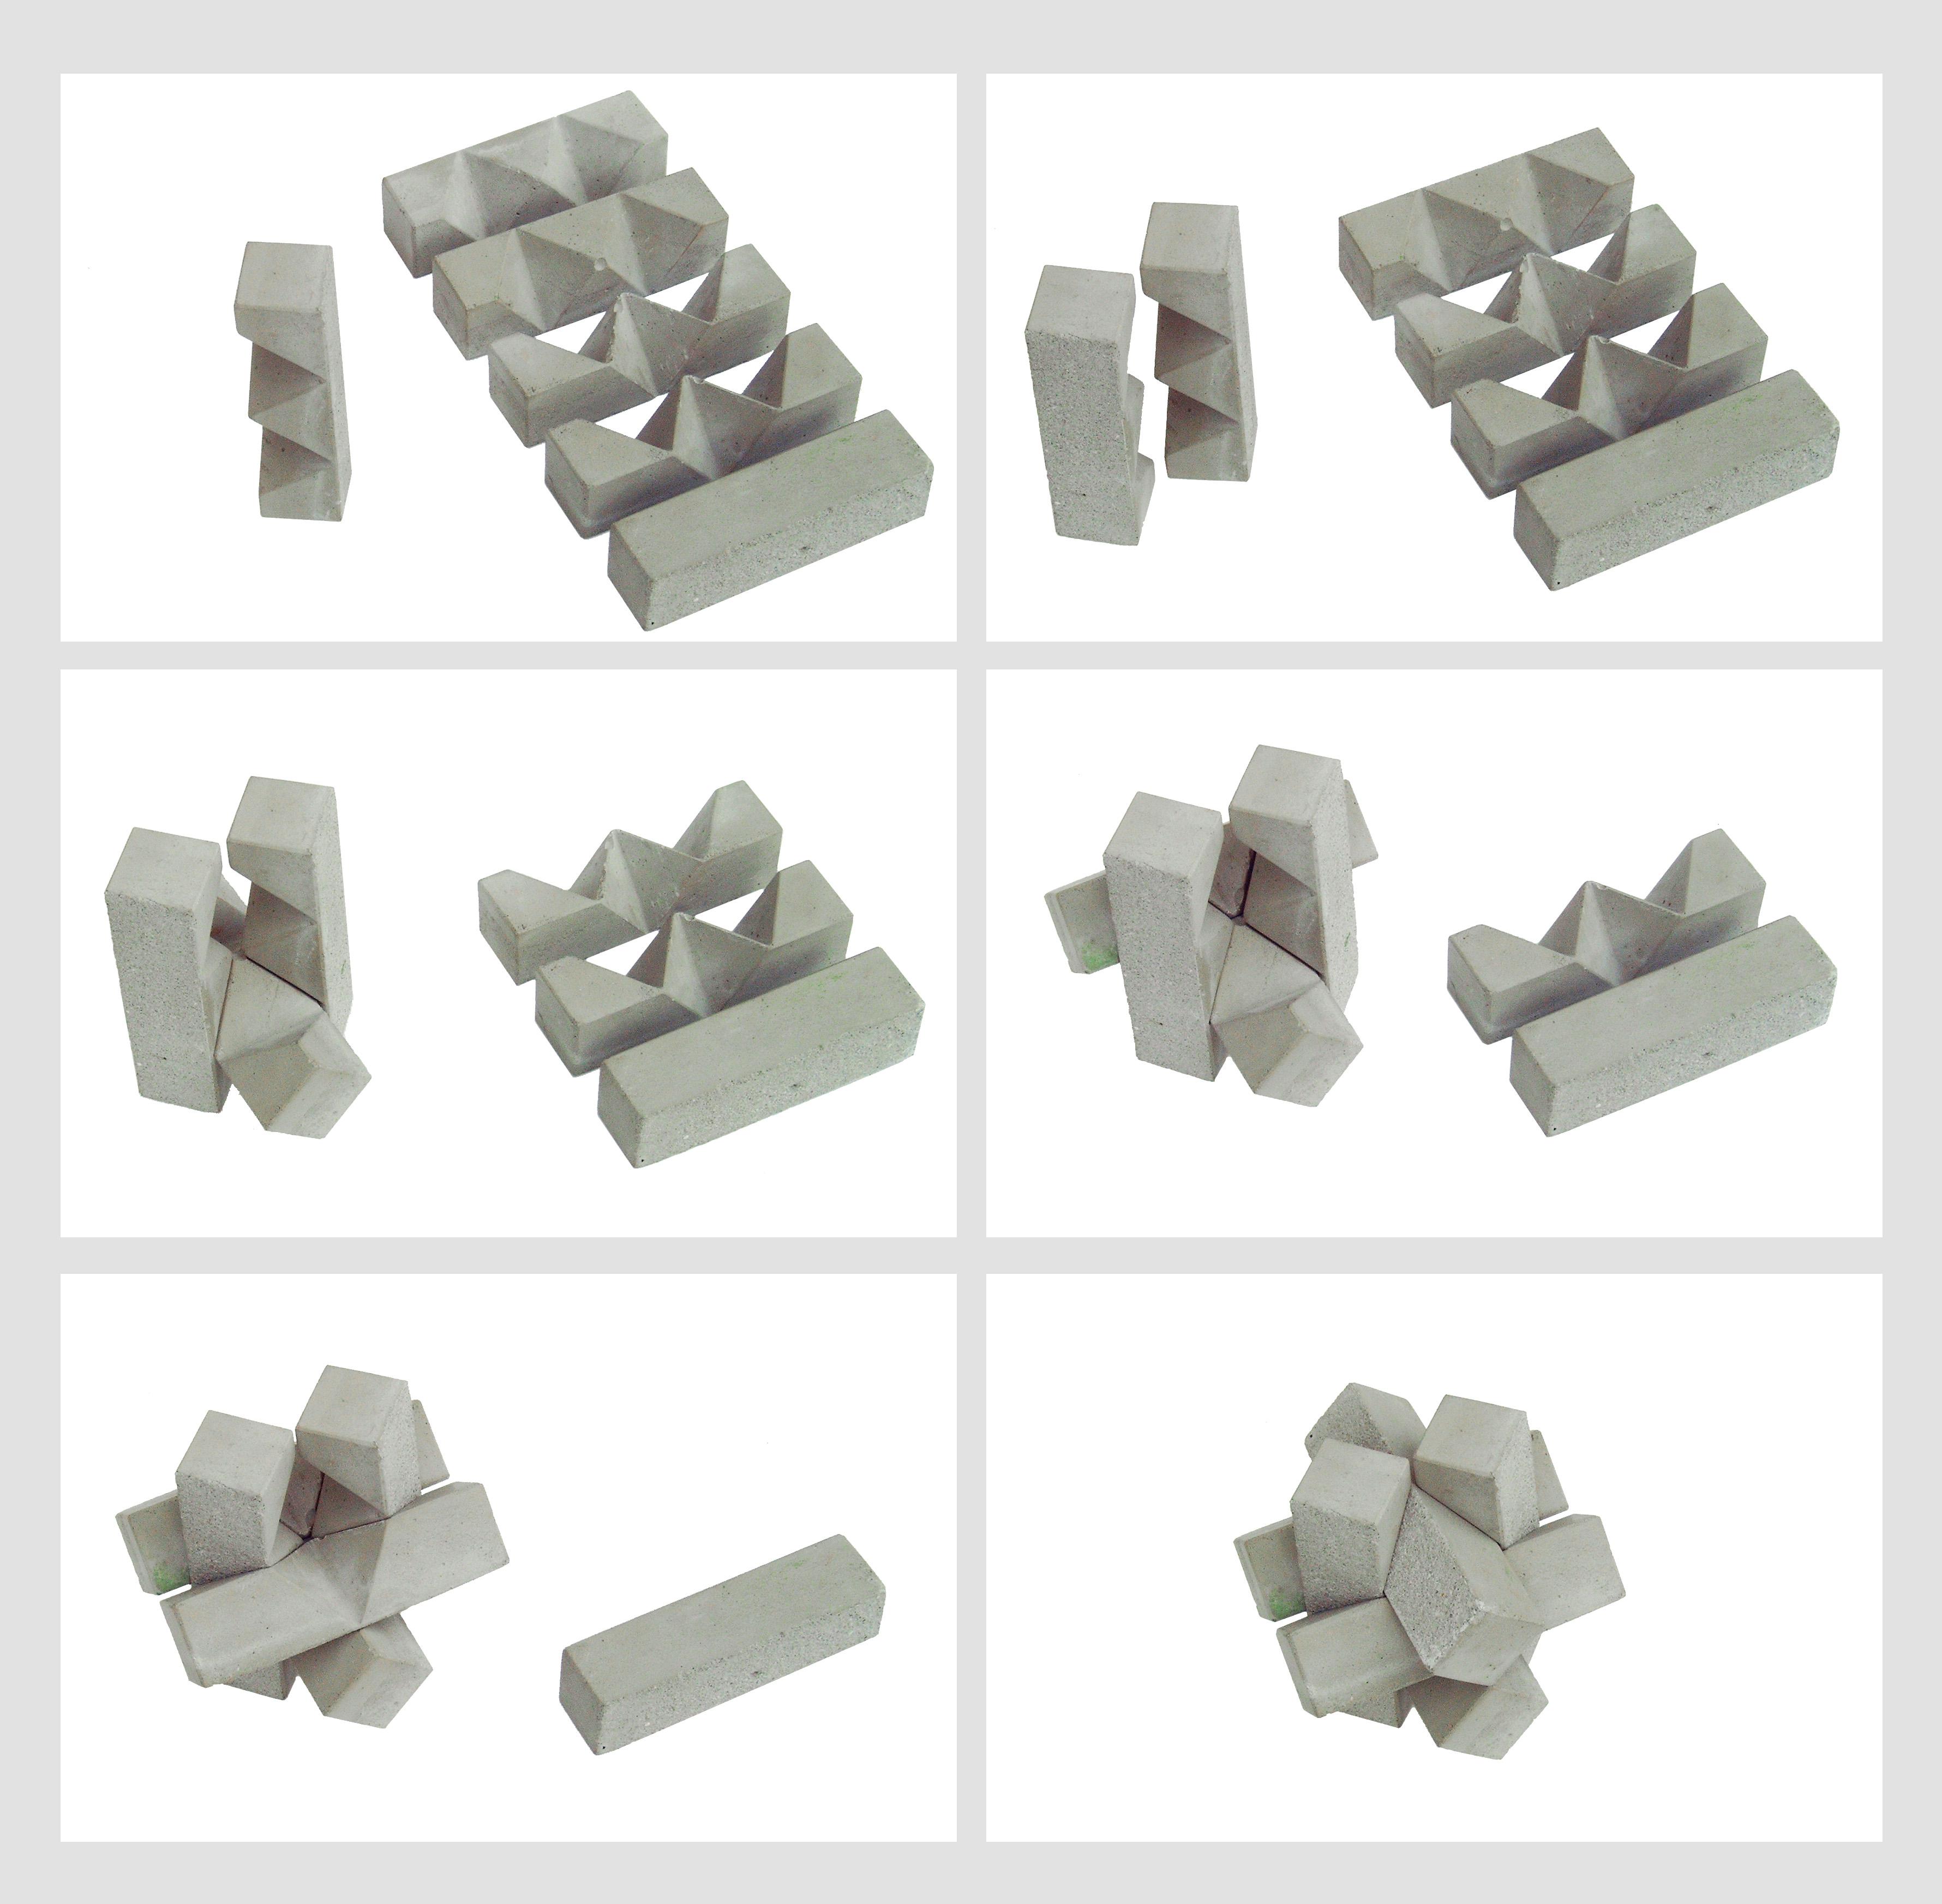 concrete puzzle knot solution